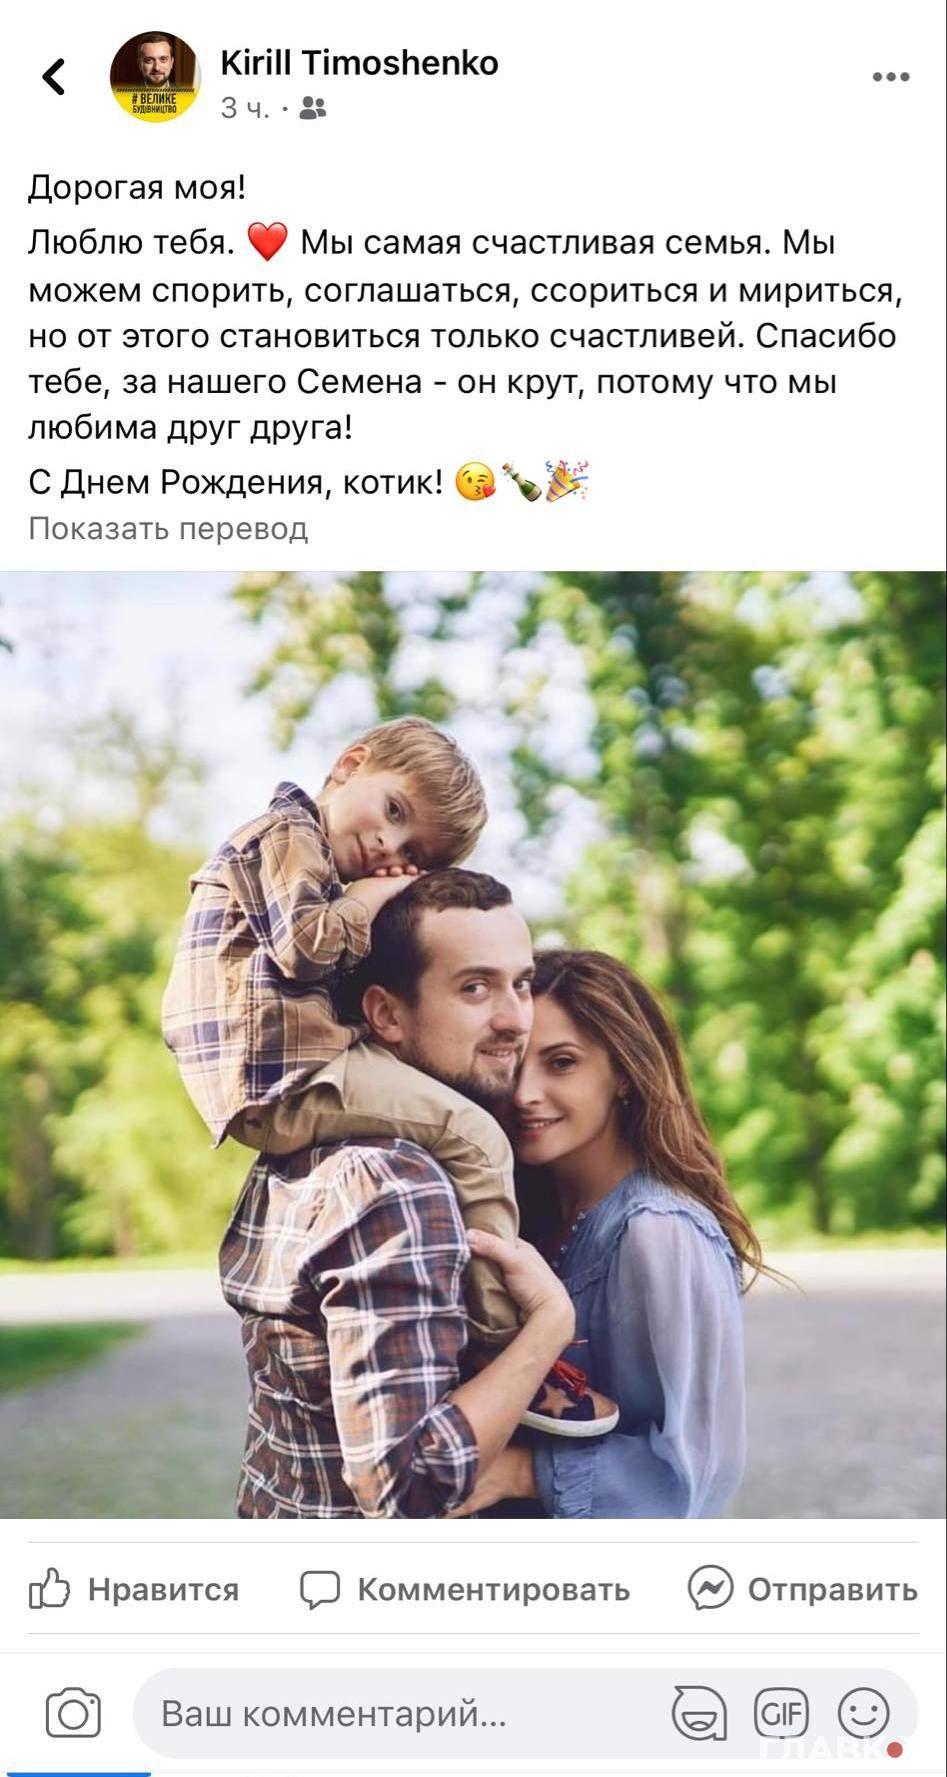 Скріншот з Facebook-сторінки Кирила Тимошенка